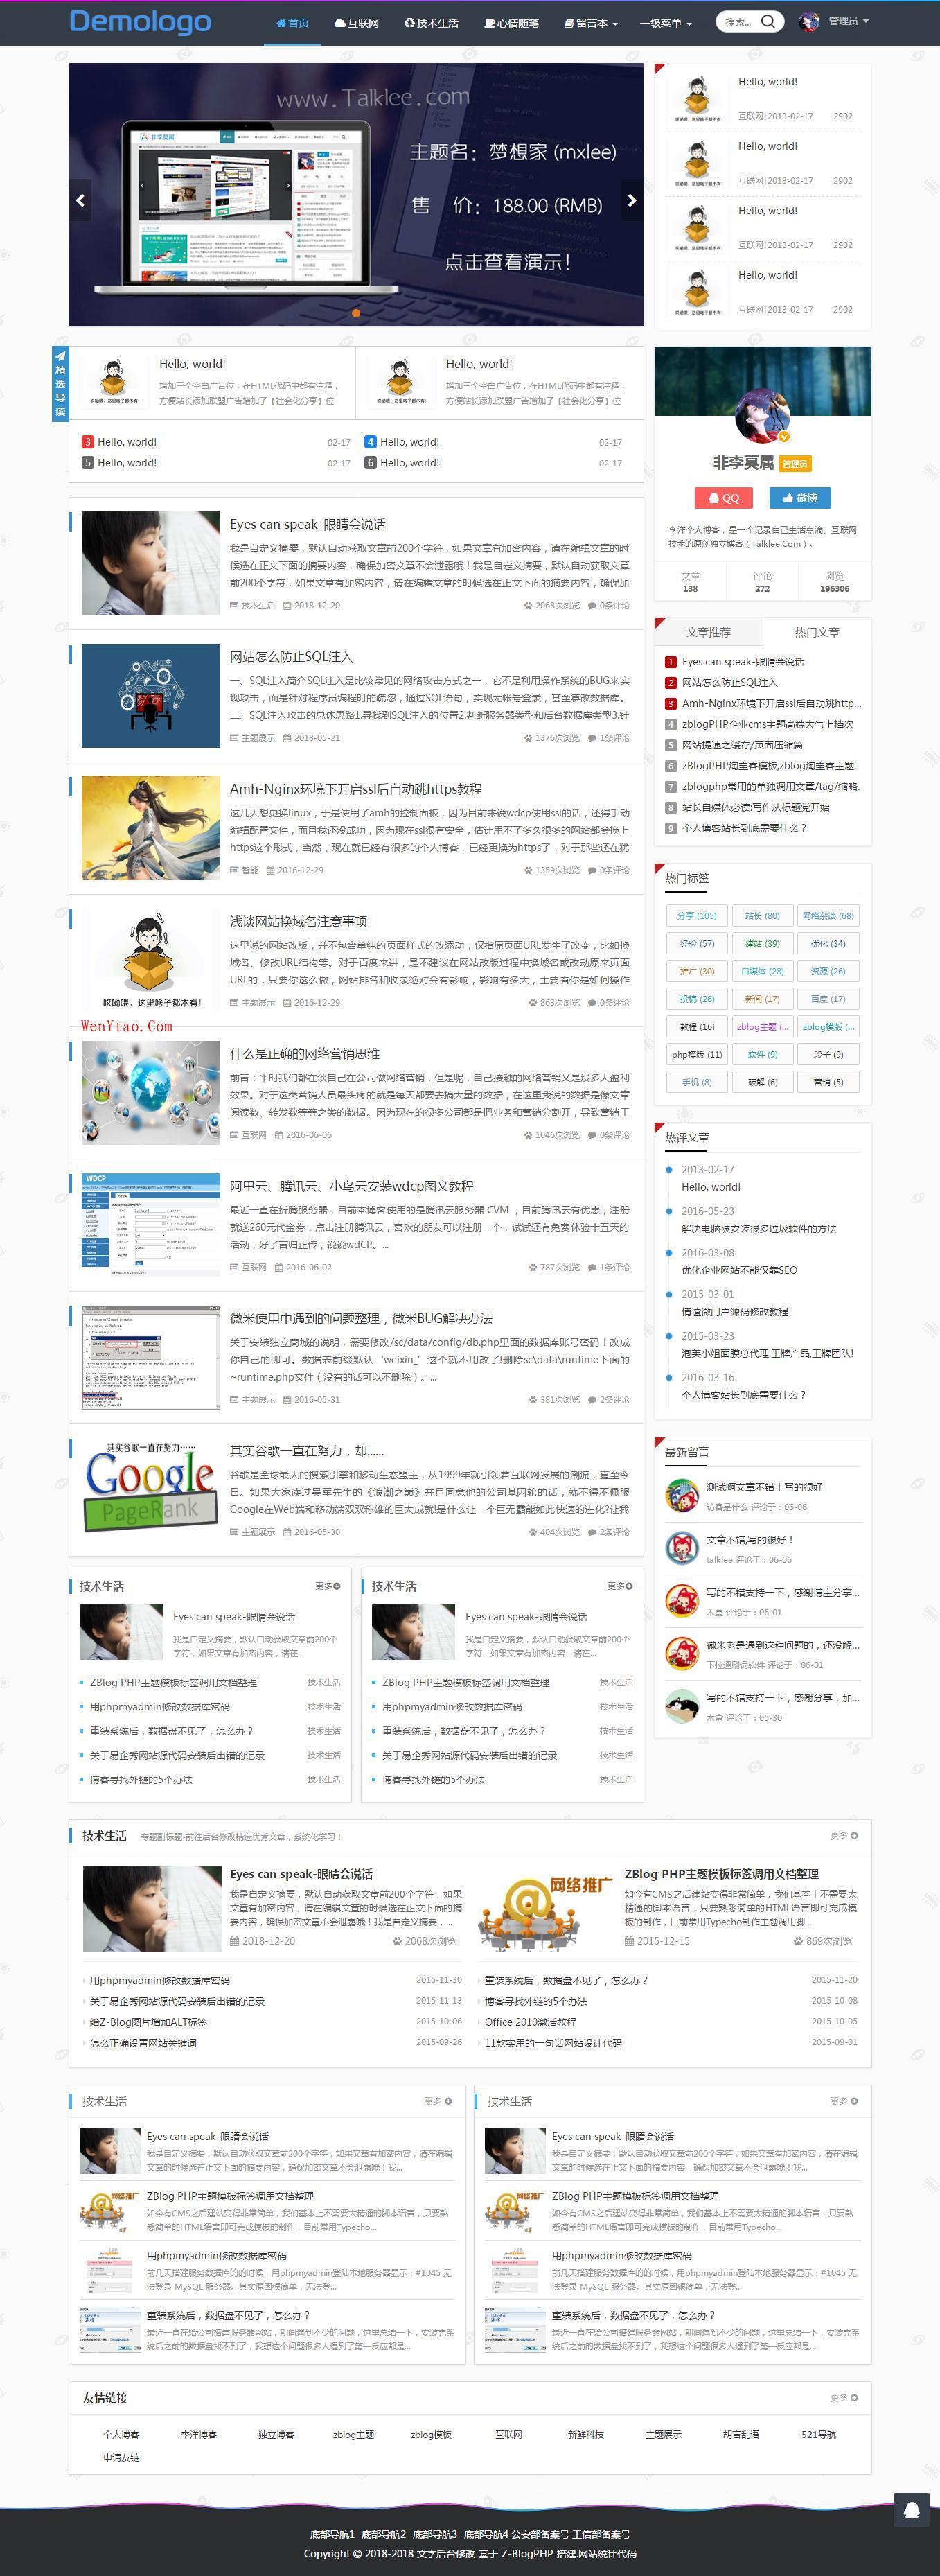 Z-BlogPHP开运锦鲤前来报道(更新说明及操作教程,必看文章) 第87张